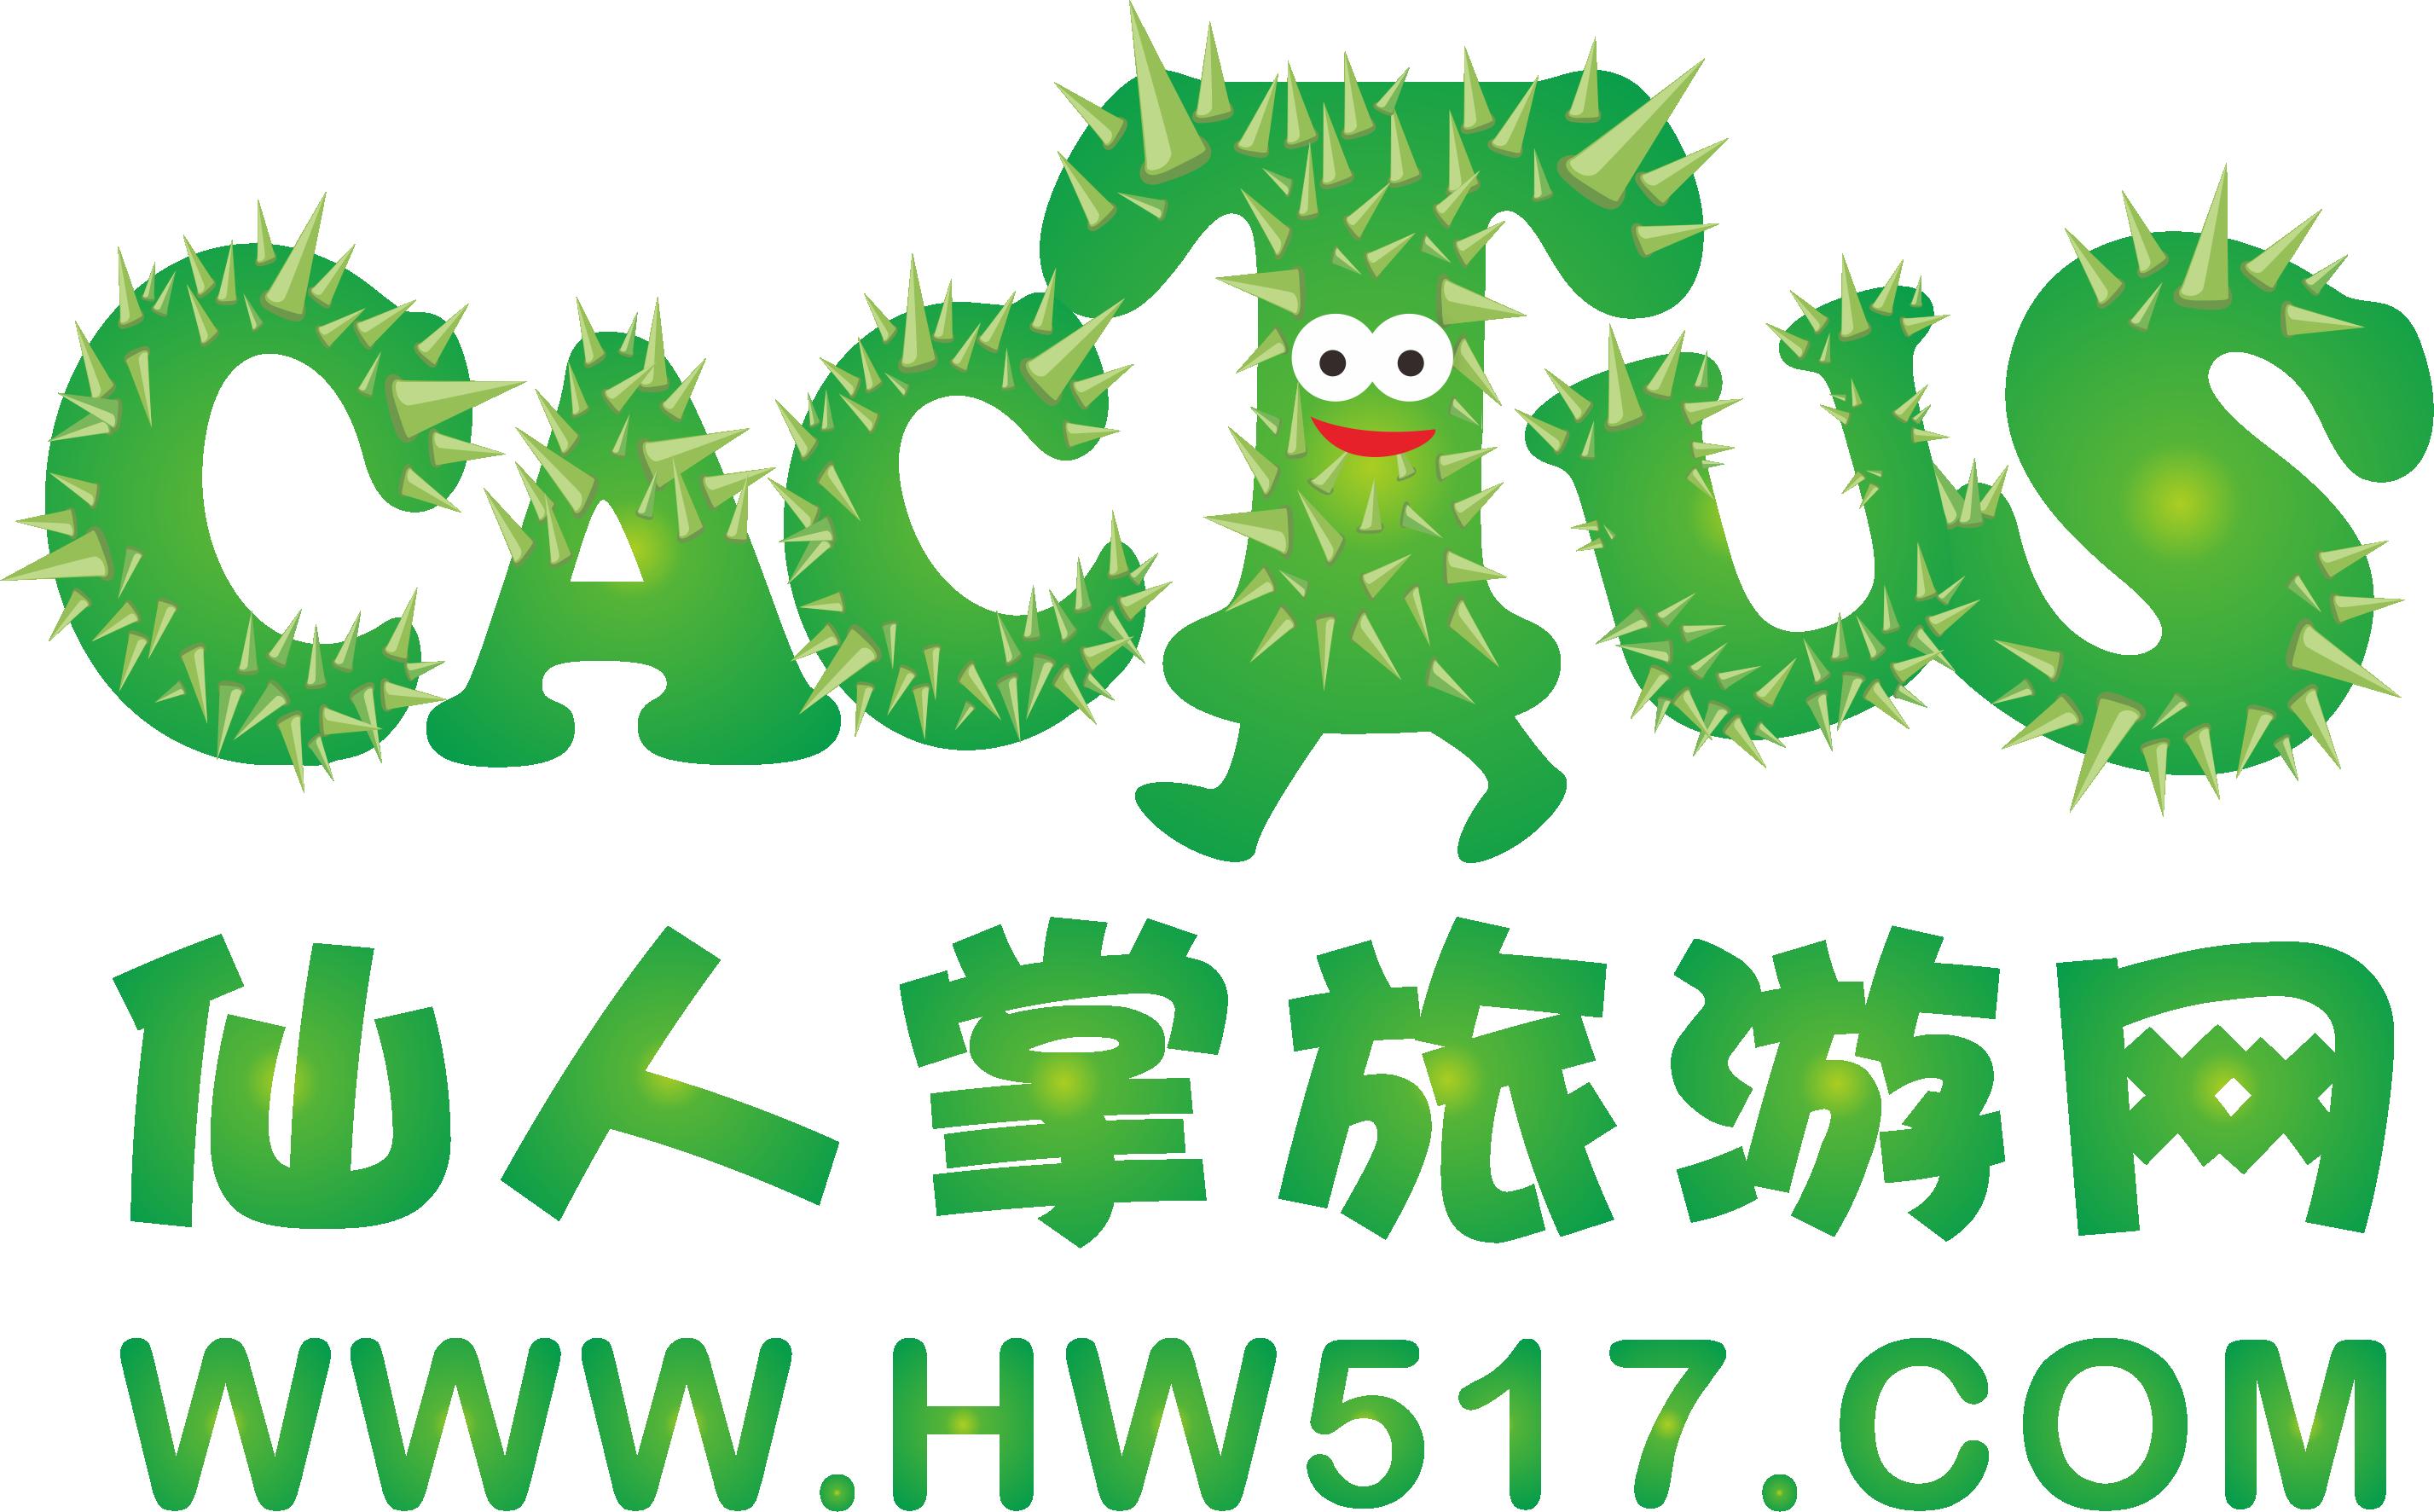 【仙人掌旅游】暑期你好台湾,台湾东部纯玩深度九日游